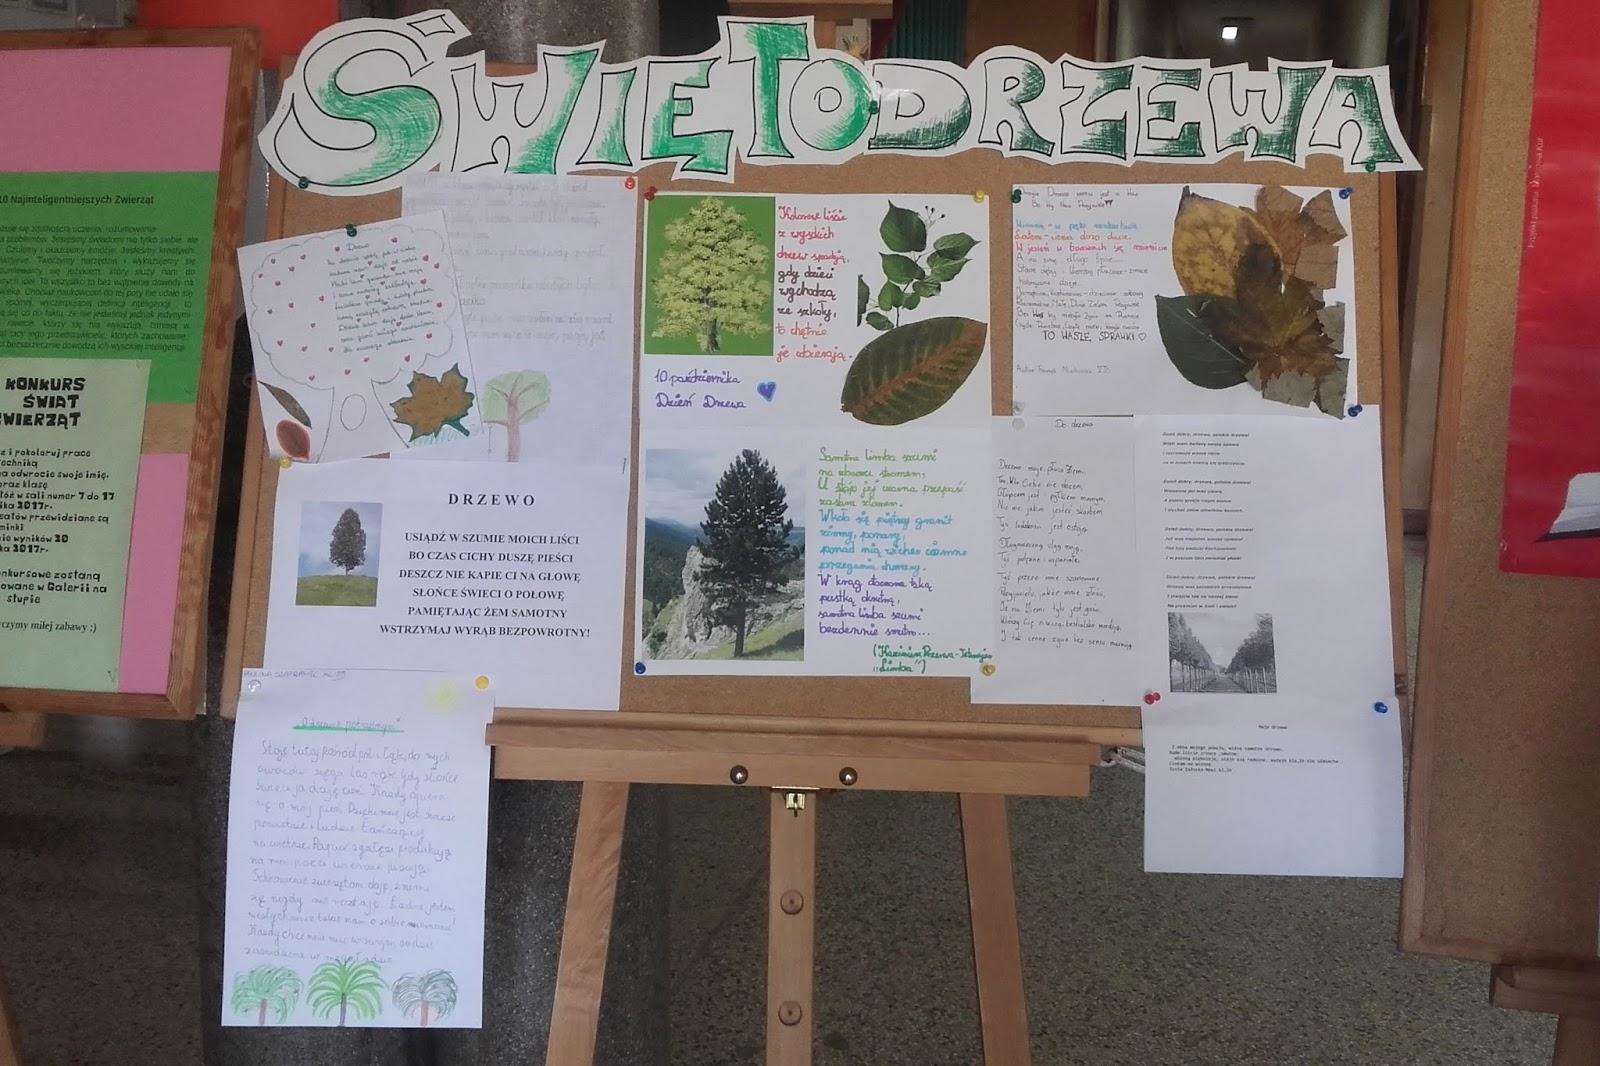 Szkolne Koło Krajoznawczo Turystyczne Powsinogi święto Drzewa